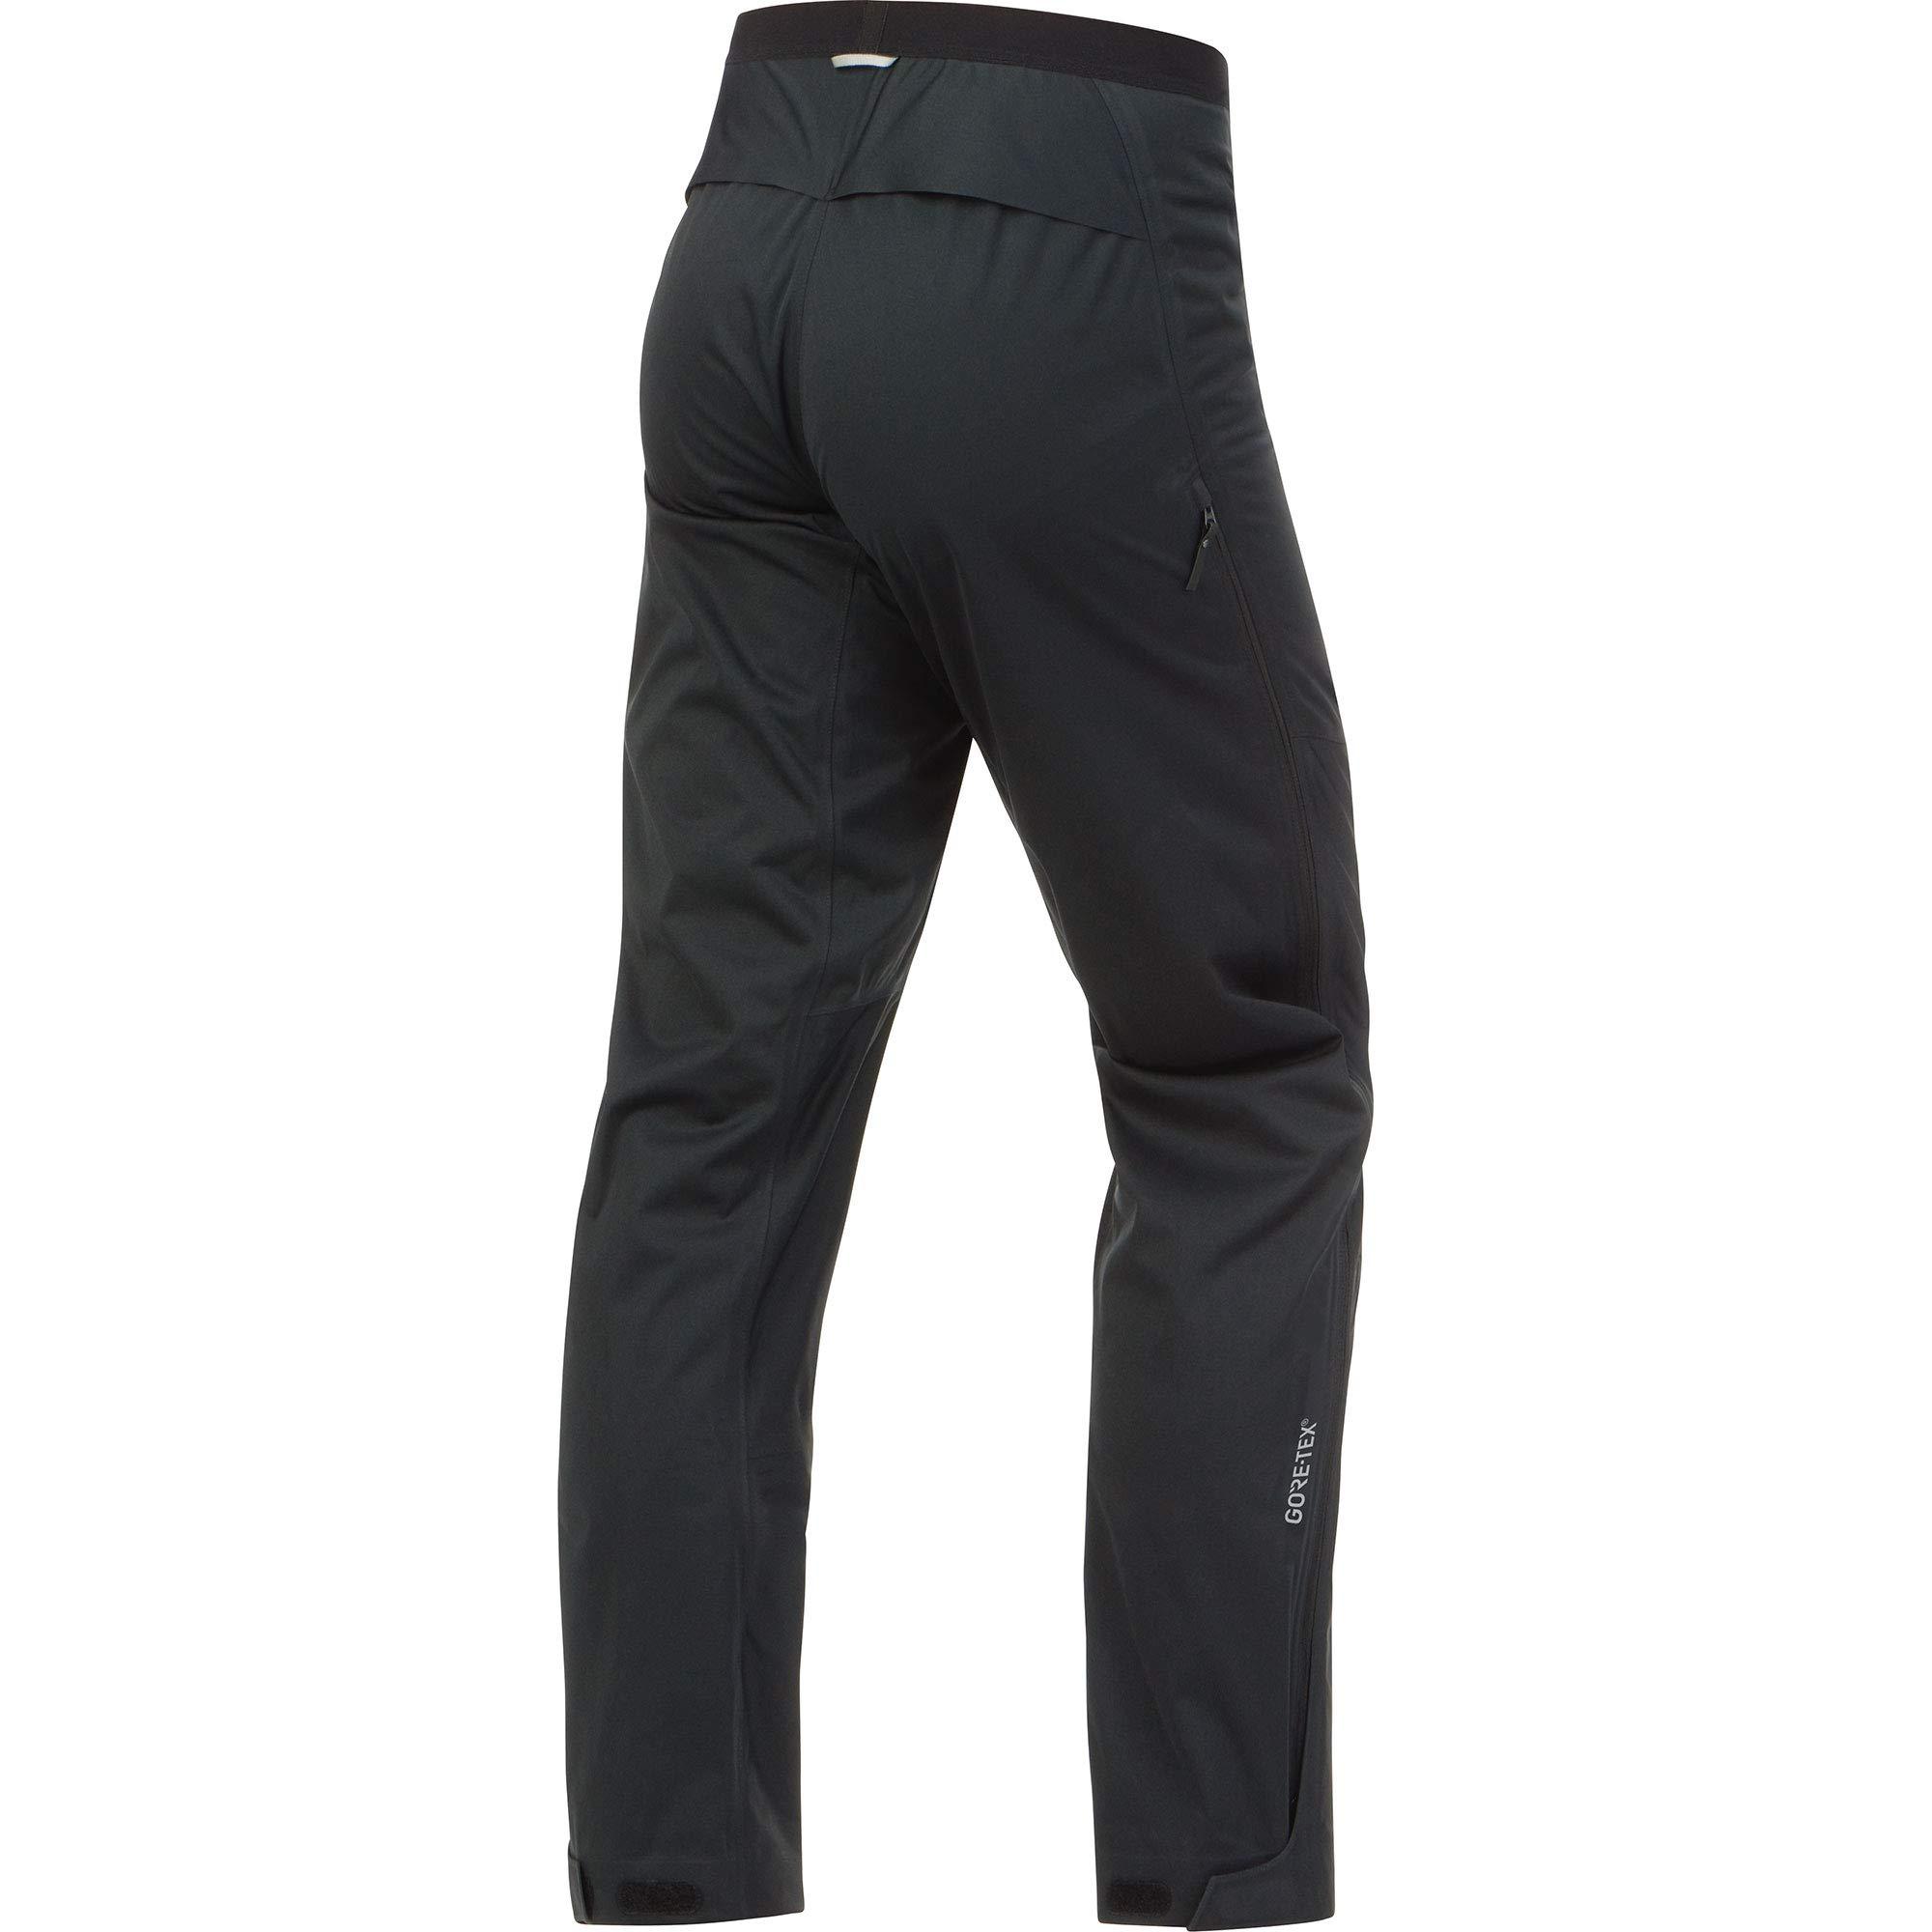 Gore Men's R3 Gtx Active Pants,  black,  L by GORE WEAR (Image #4)